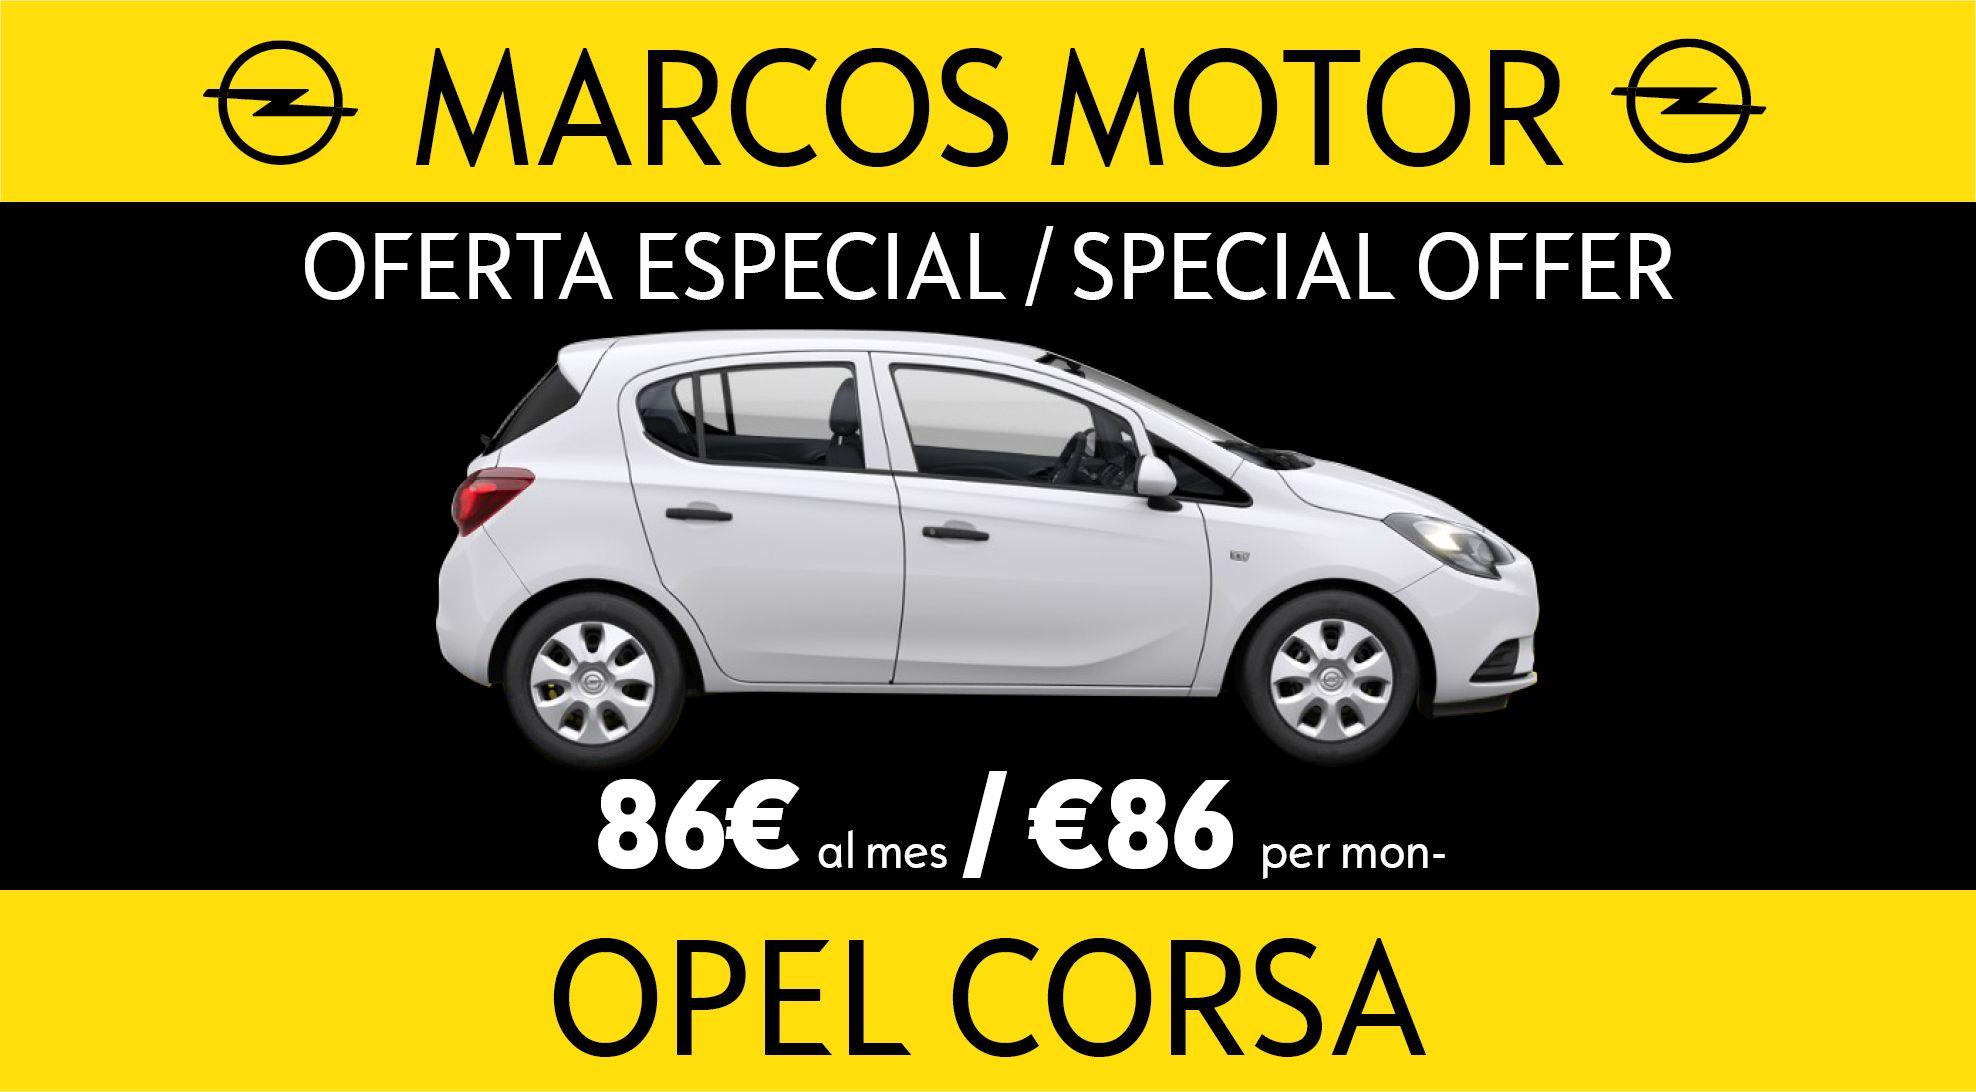 Oferta Opel Corsa 86€ al mes